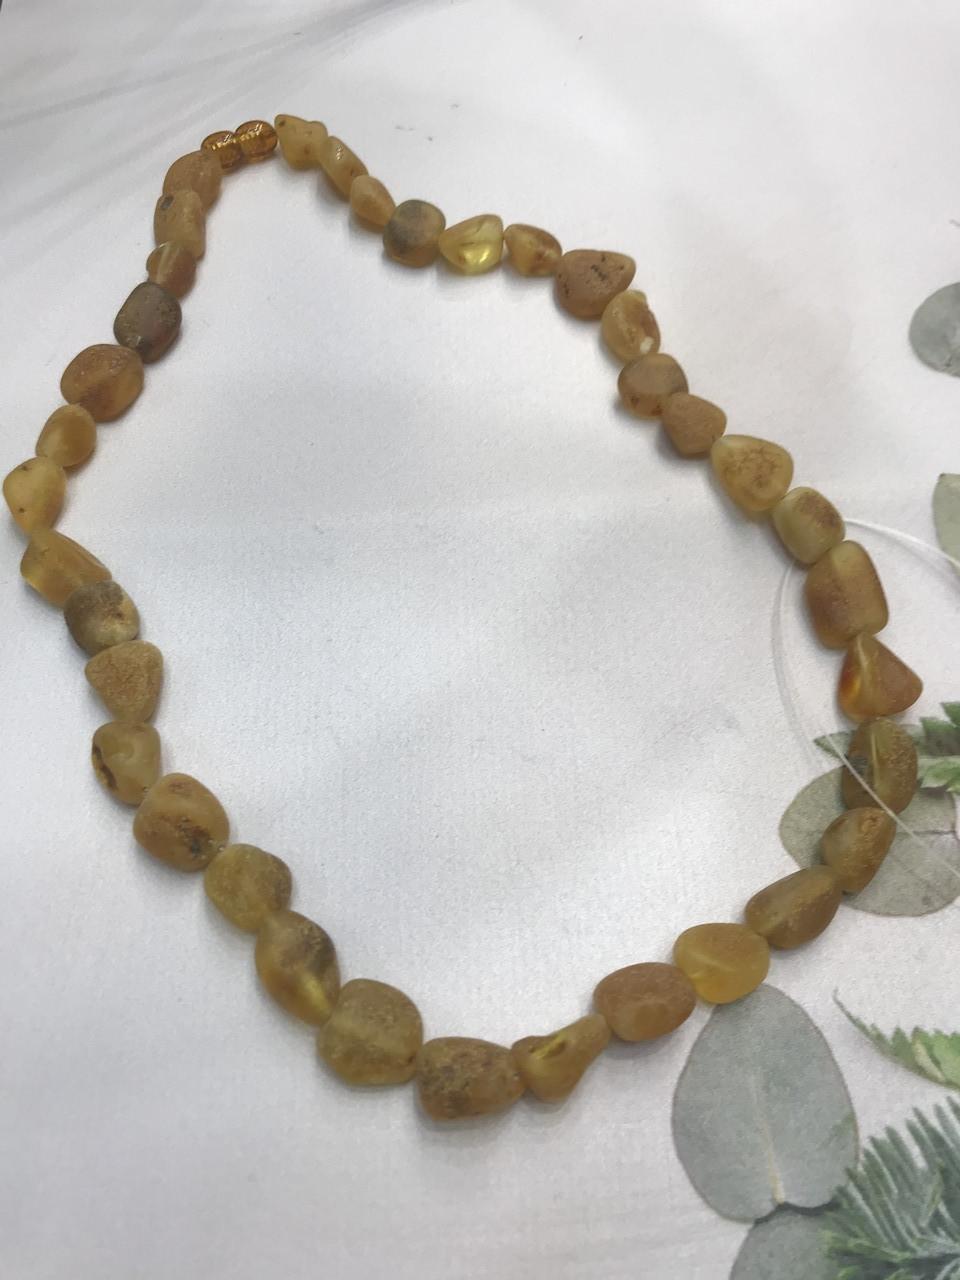 Янтарь натуральный необработанный лечебный янтарные бусы из янтаря янтарные бусы 49 см